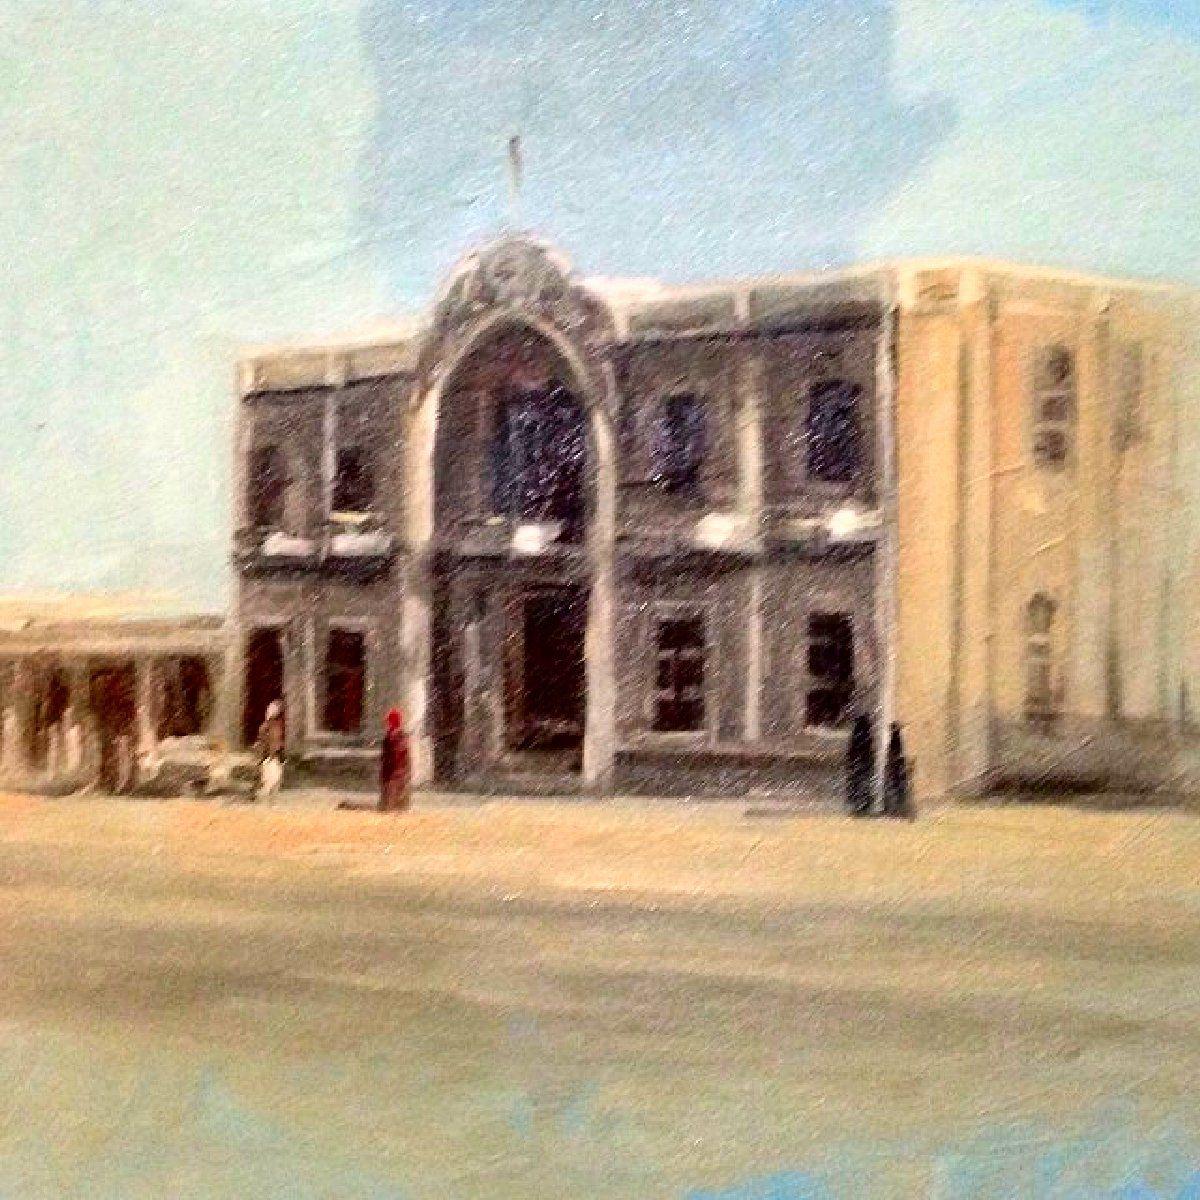 دار المعارف قديما بريشة عبدالعزيز ارتي Painting Landmarks Kuwait